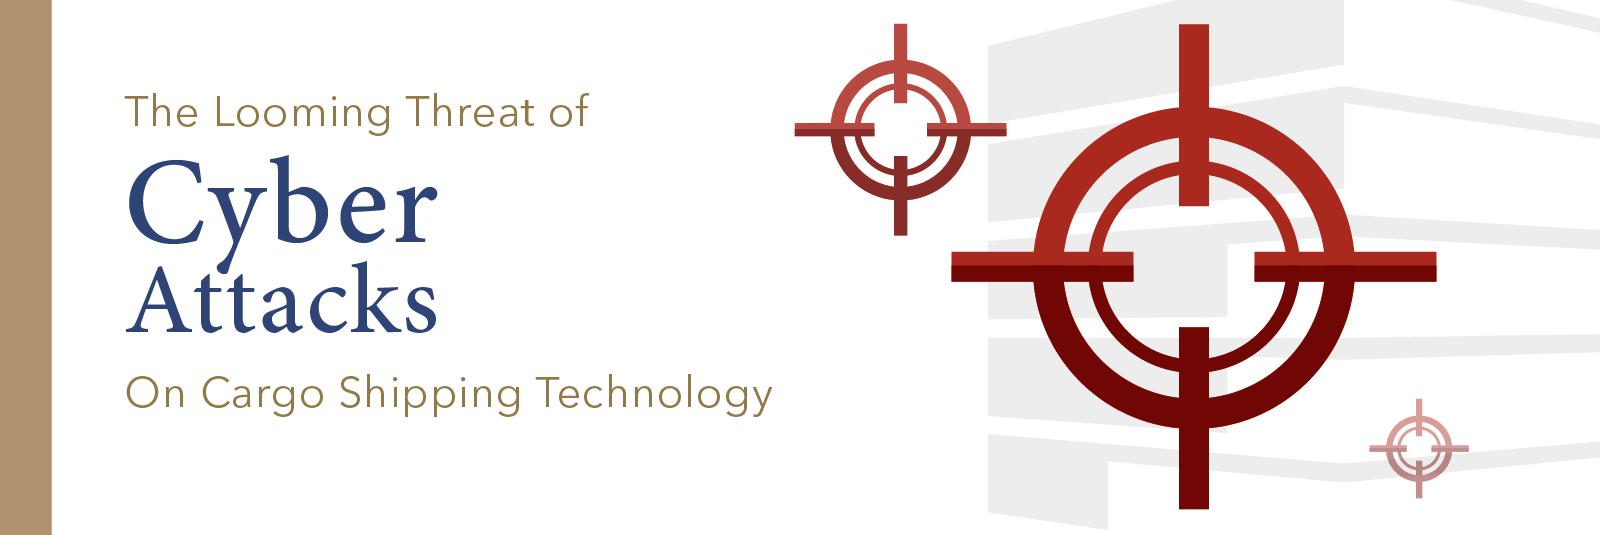 FCU_Post_Cyberattacks_Website